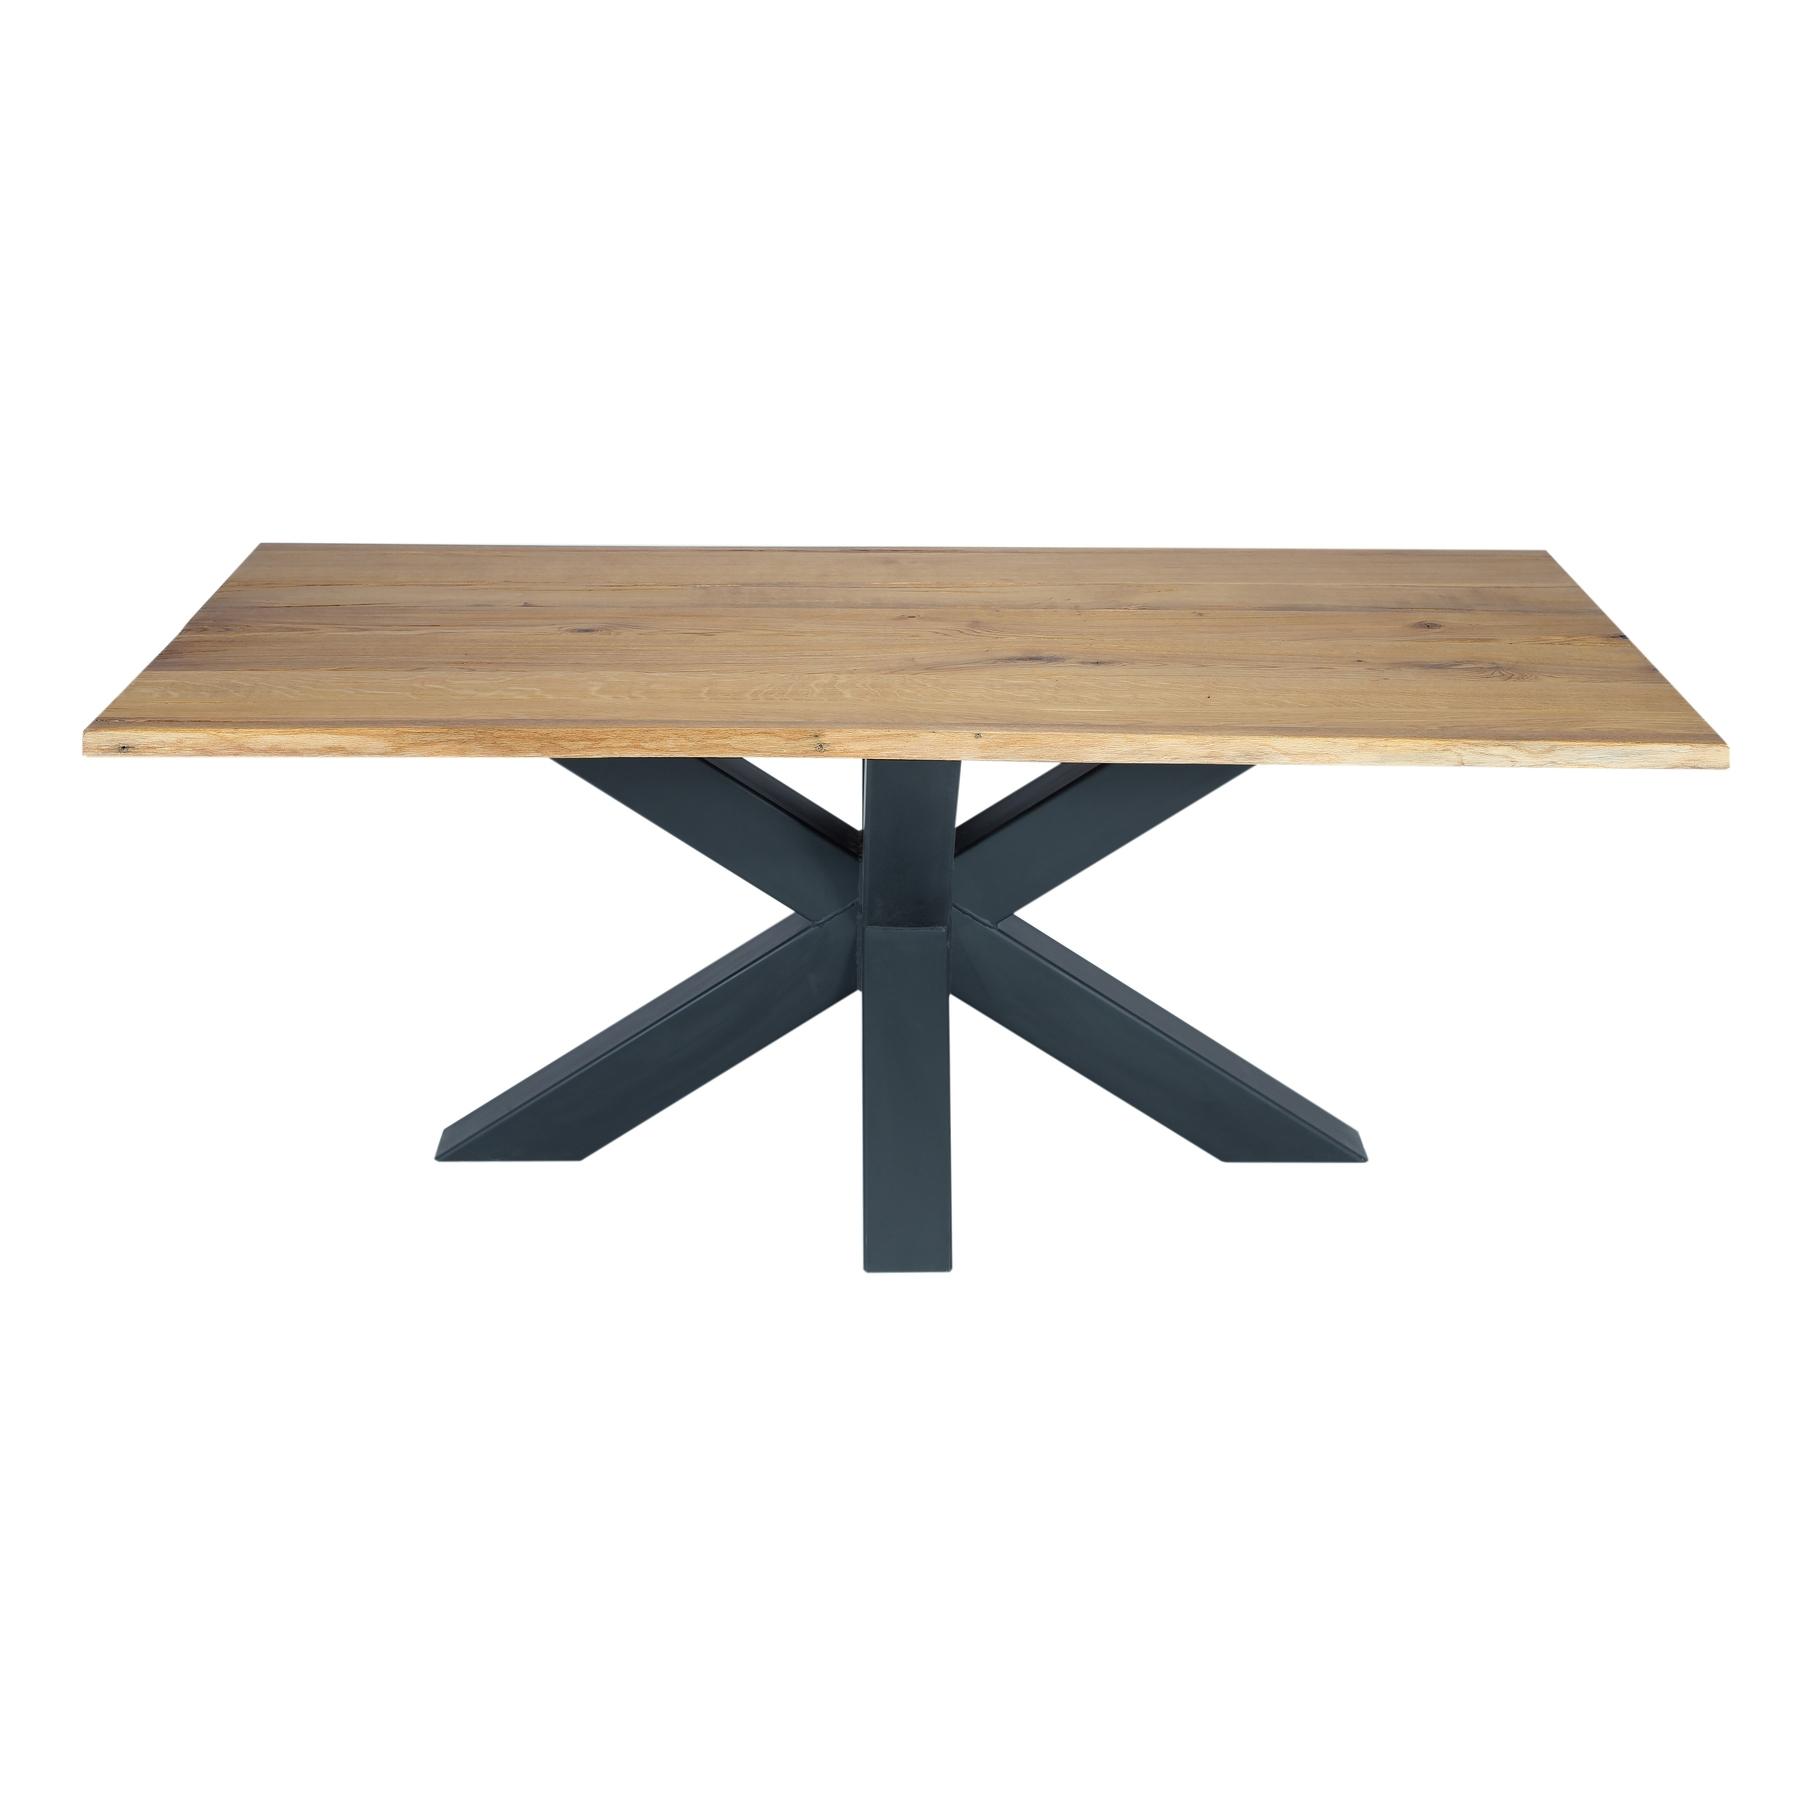 Masa din lemn de stejar salbatic, cu picioare metalice Chicago II imagine